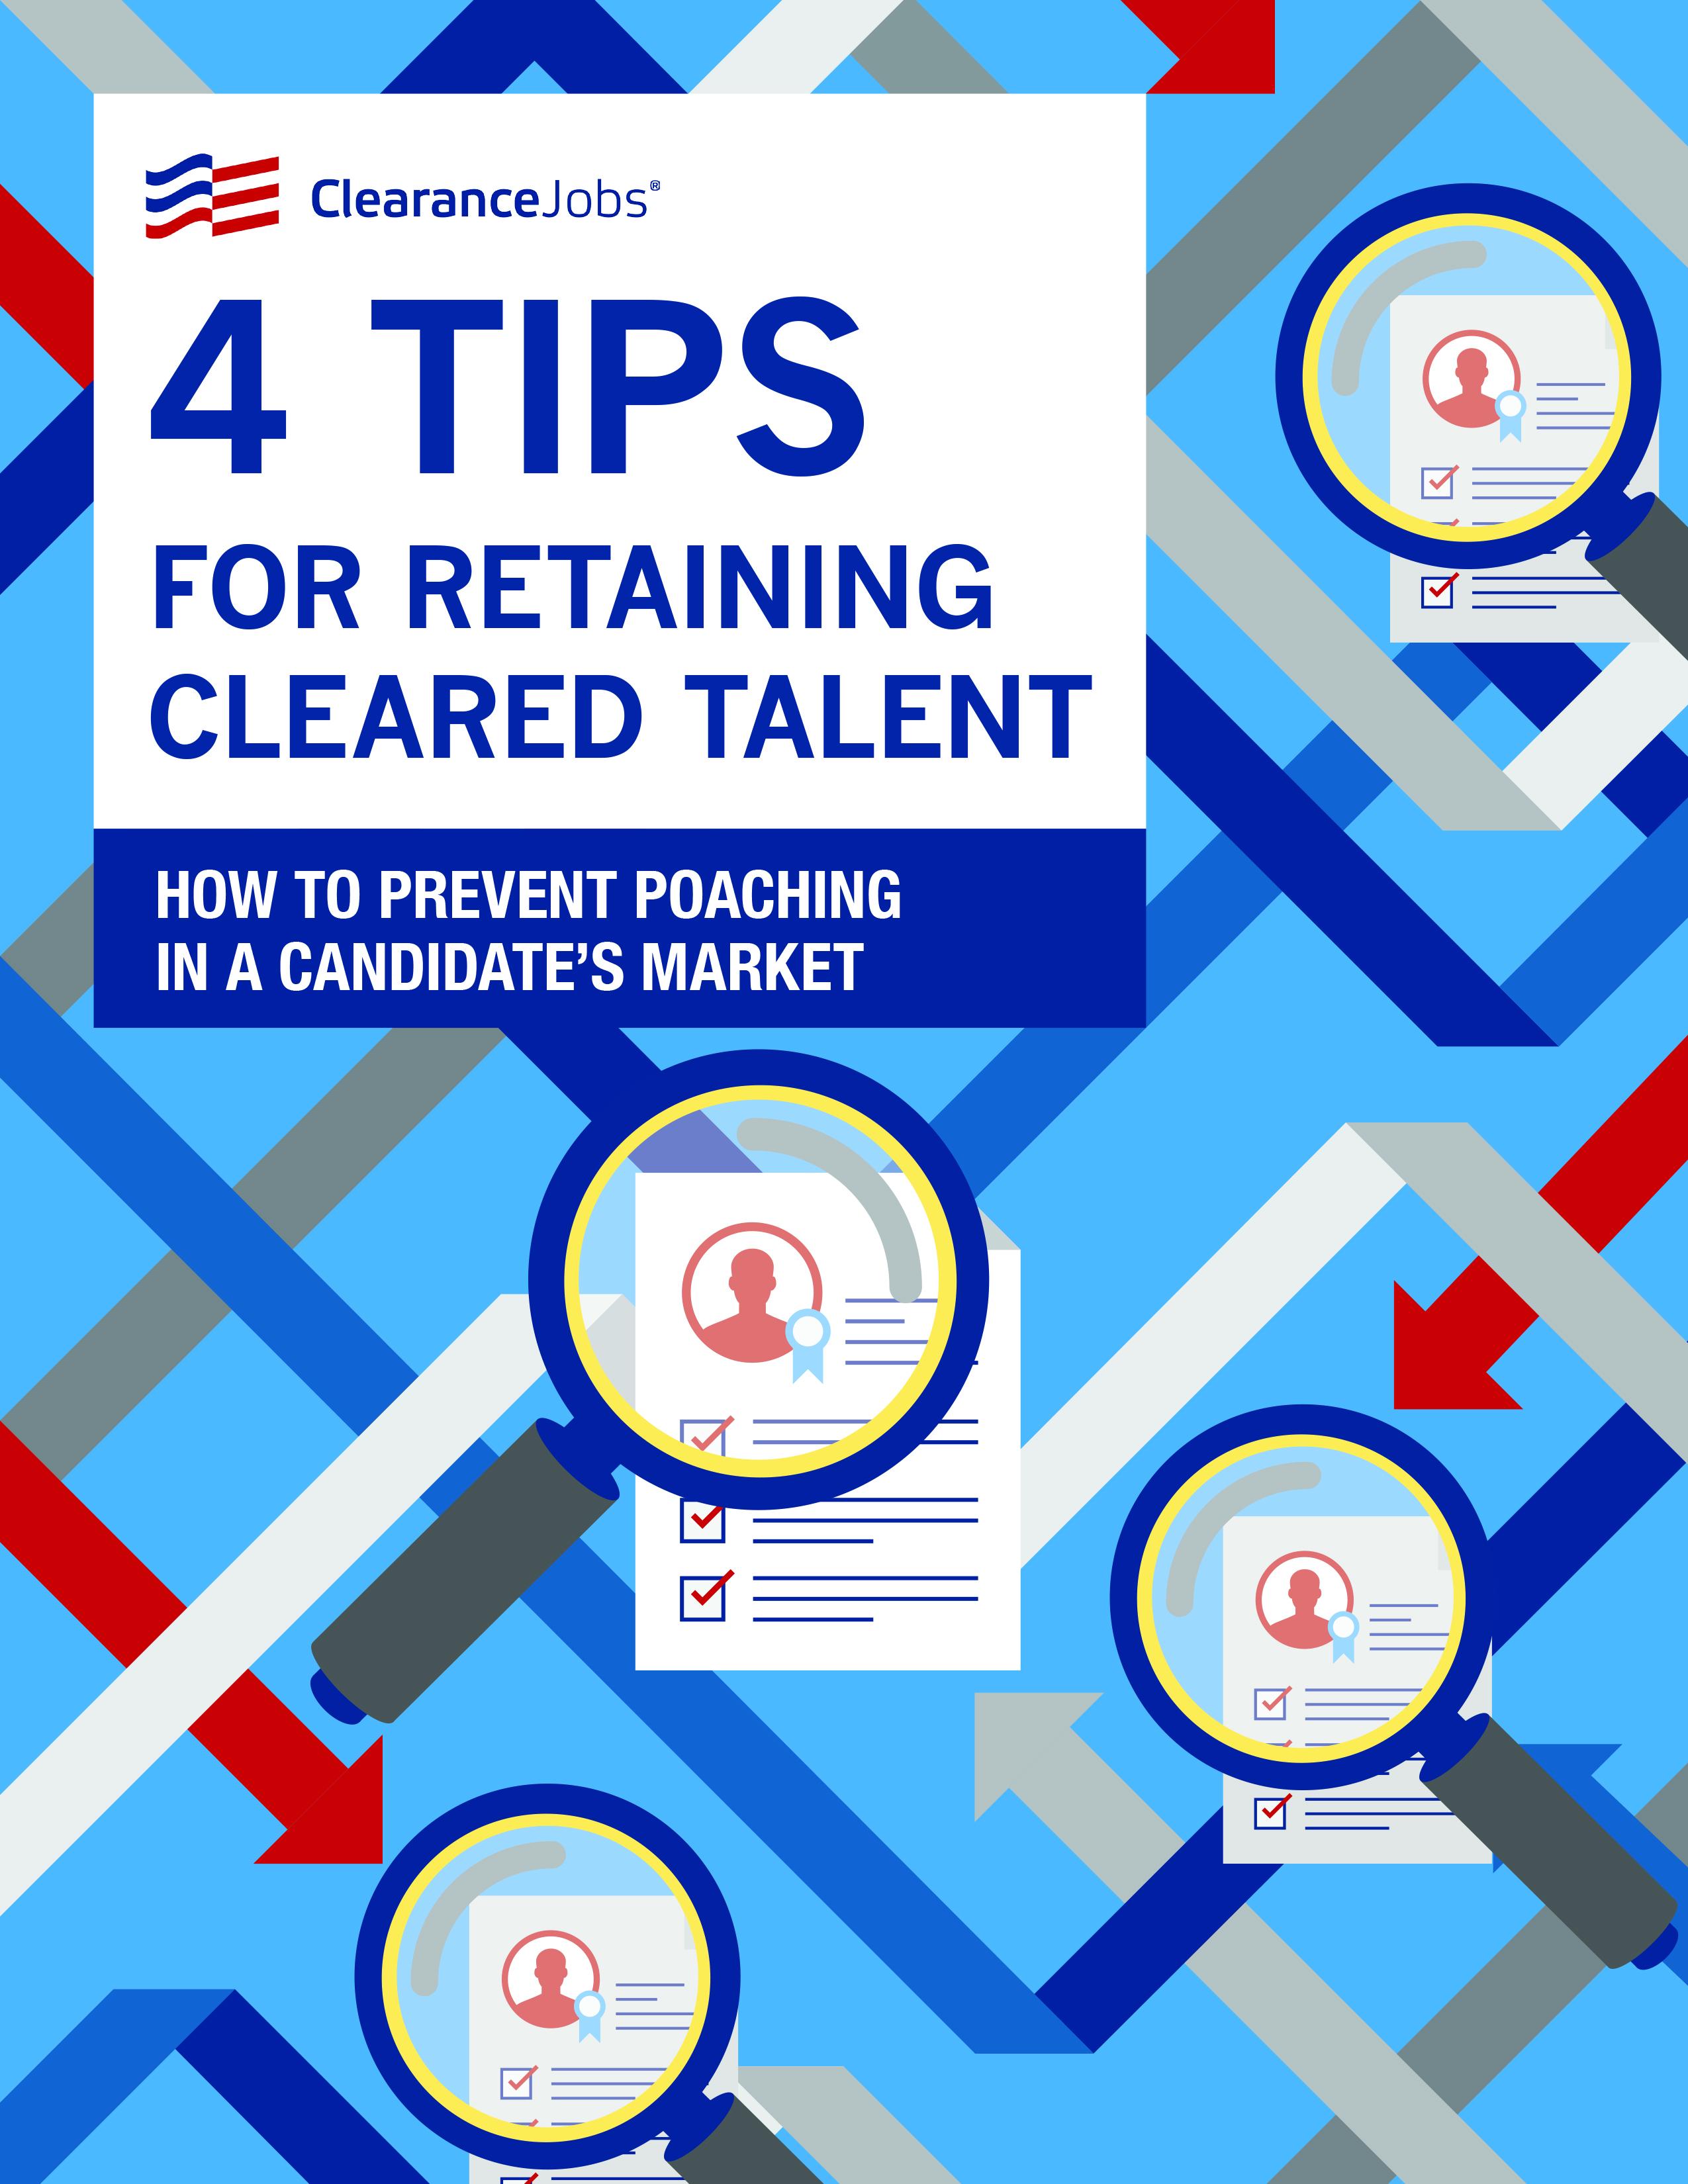 TipsforRetainingClearedTalent-1